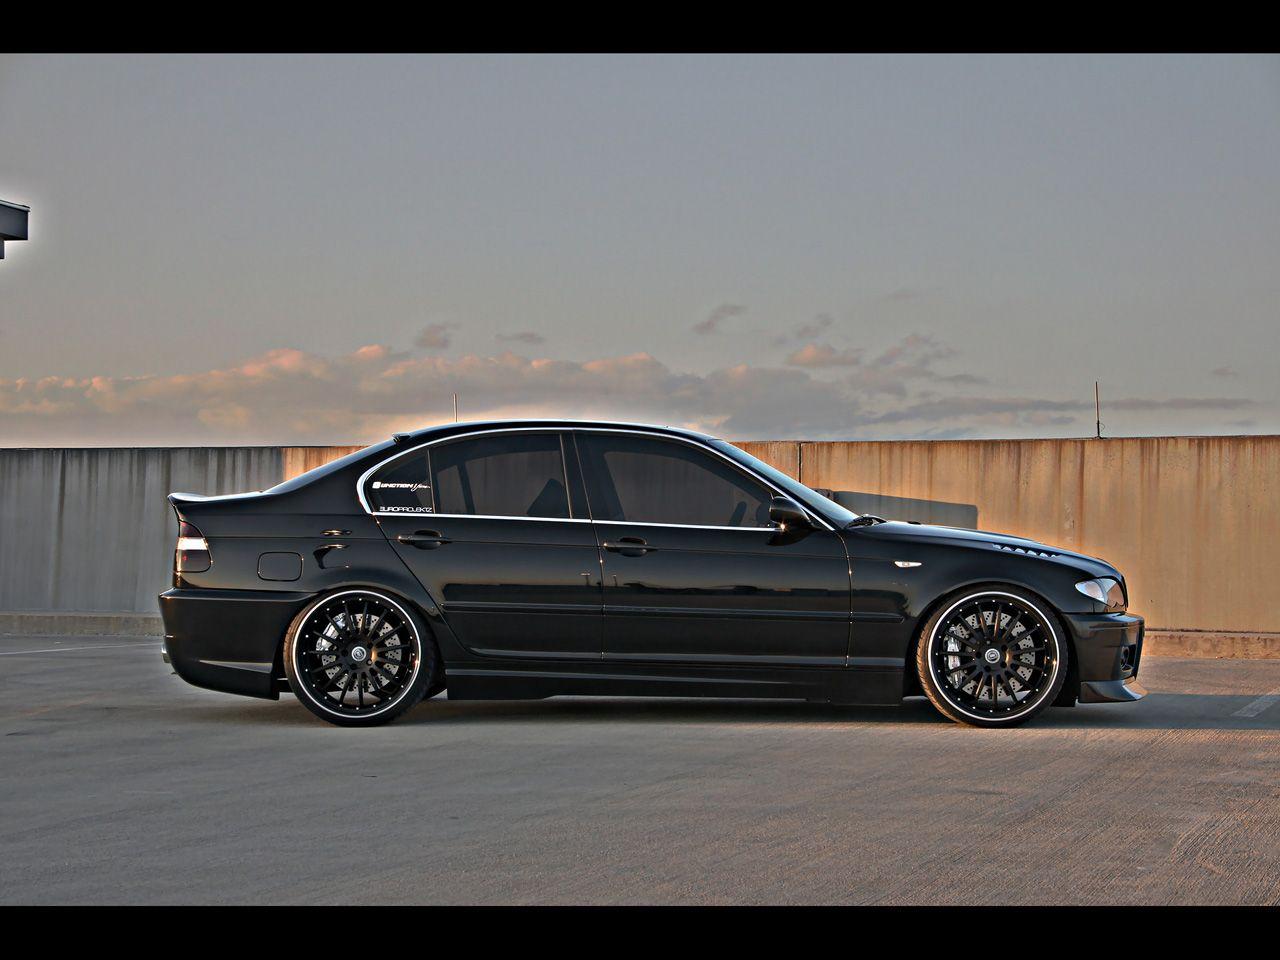 Bmw Bmw E46 Bmw M3 Coupe